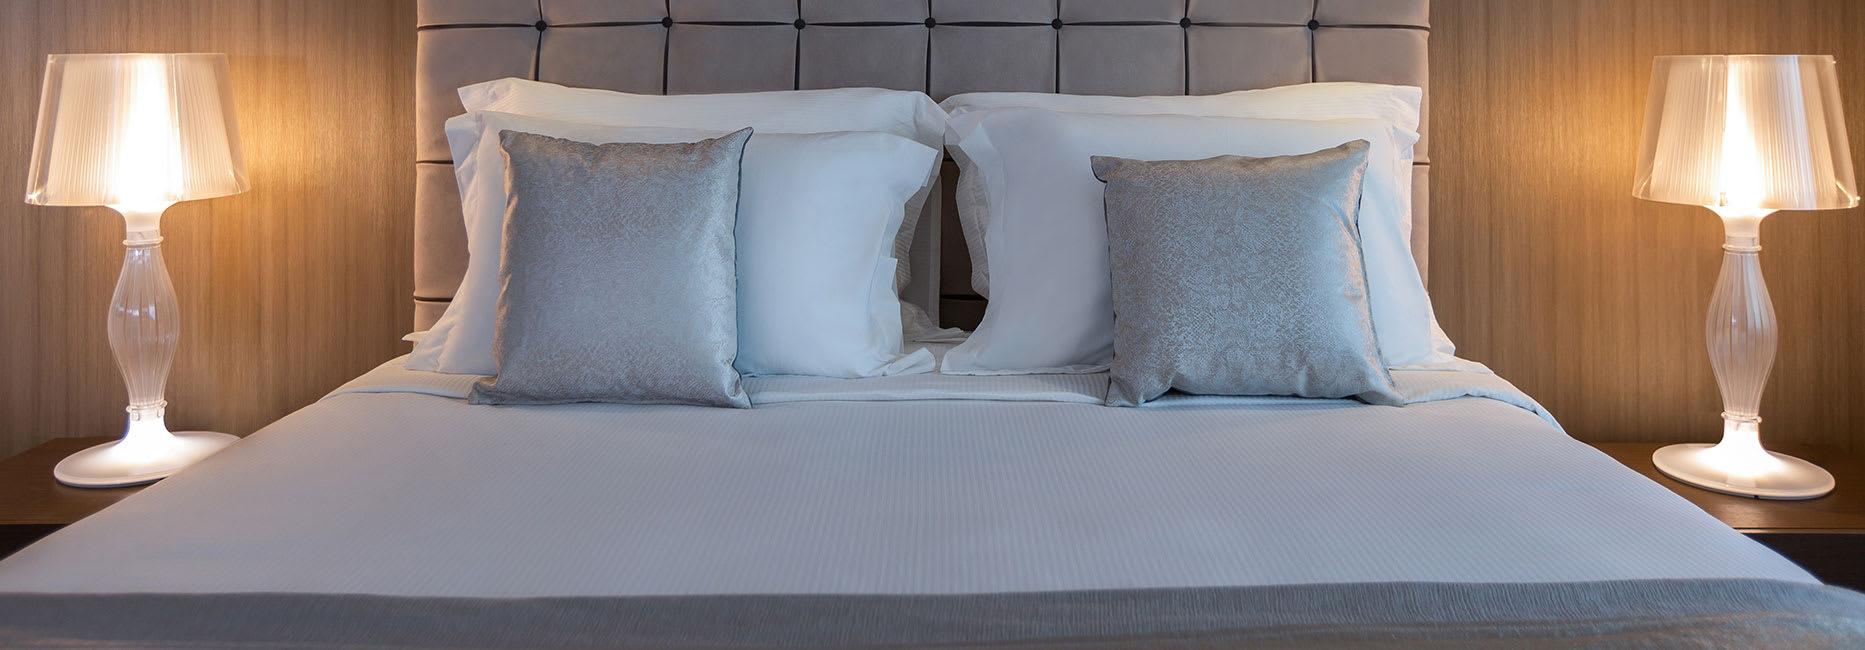 Avani Superior Room at Avani Les Berges du Lac Tunis Suites